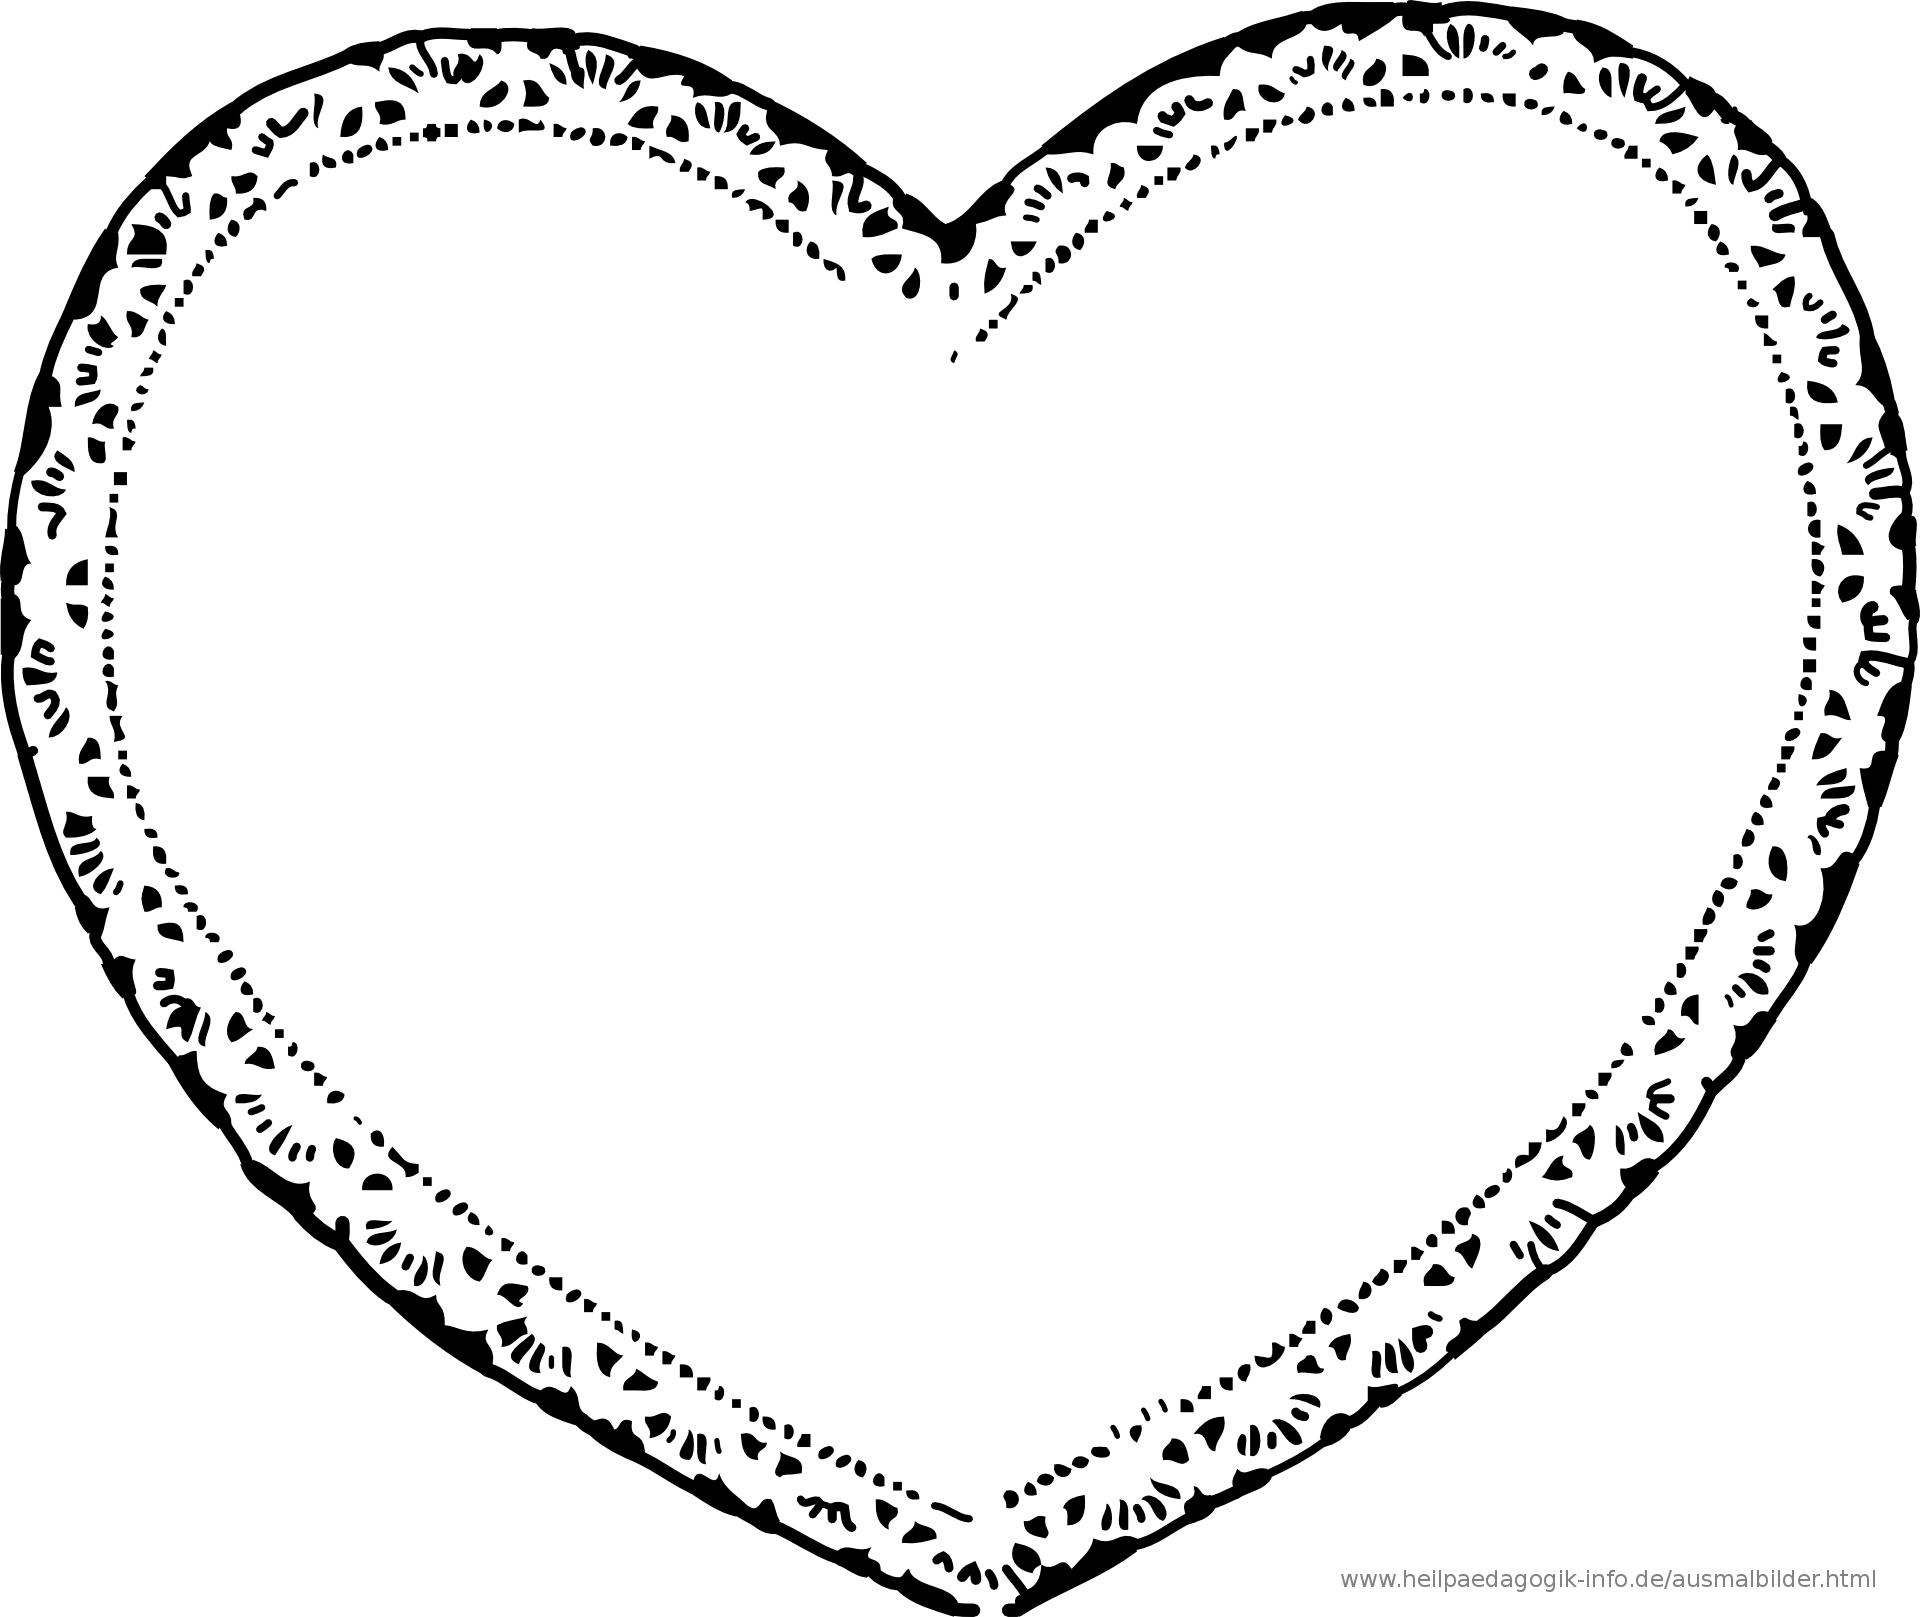 Frisch Herz Ausmalbilder Malvorlagen Malvorlagenfurkinder Malvorlagenfurerwachsene Herz Ausmalbild Ausmalbilder Ausmalen